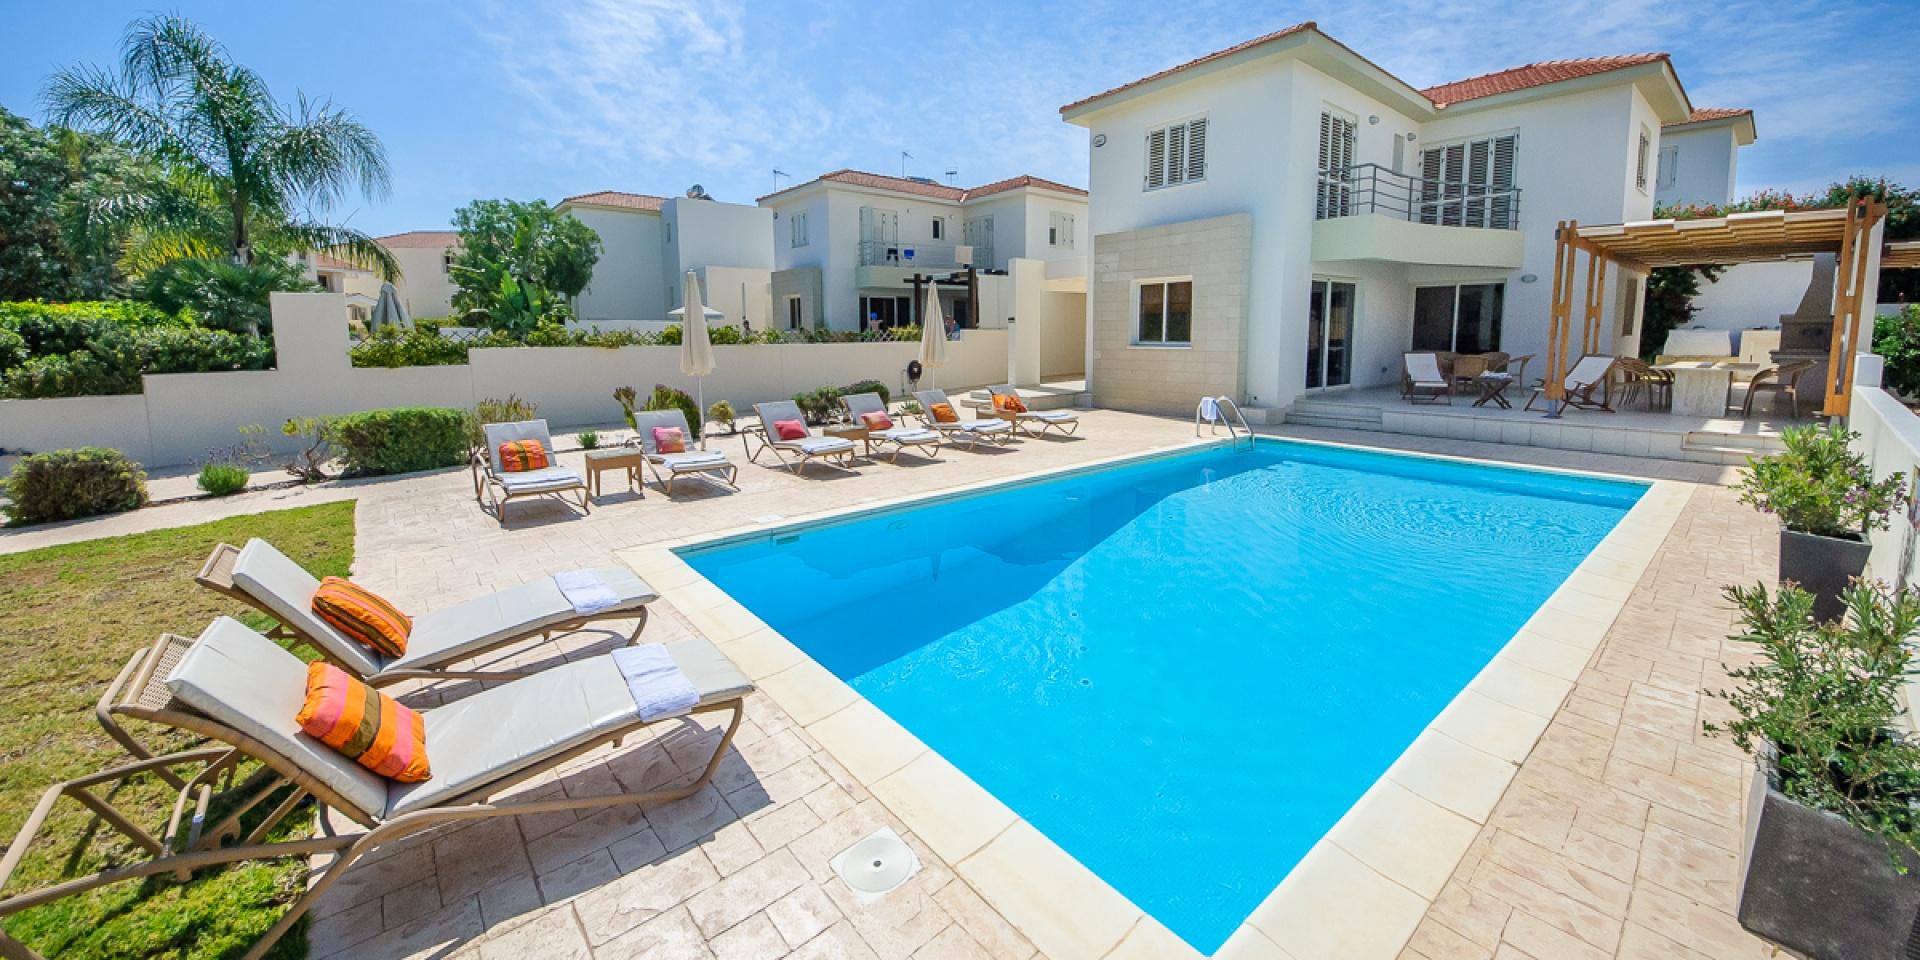 4 Bed Short Term Rental Villa Kapparis